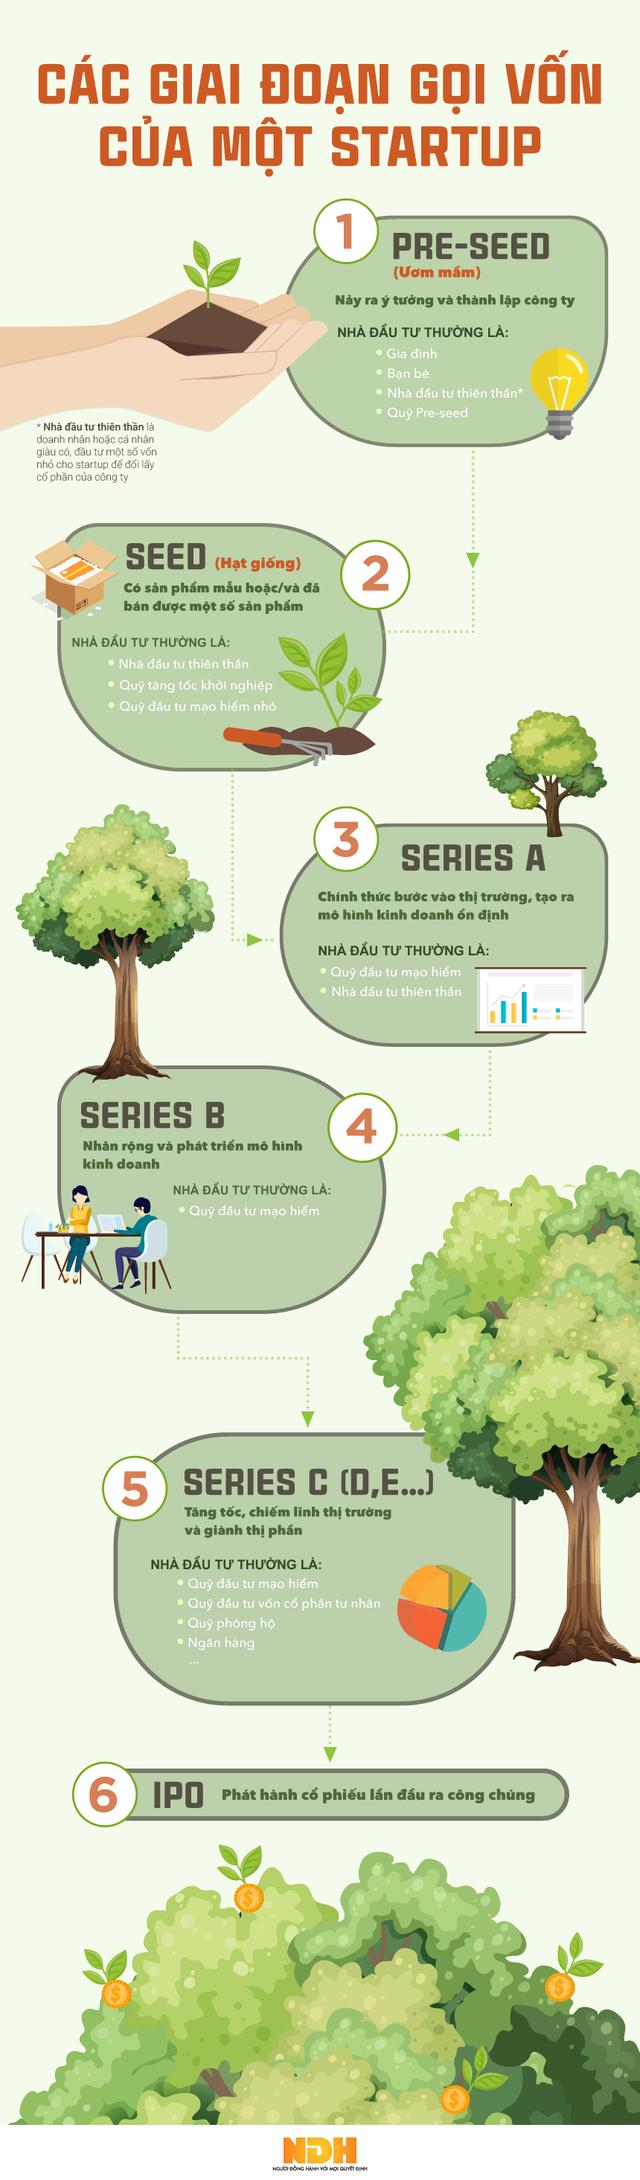 [Infographic] Các giai đoạn gọi vốn một startup thường trải qua trước IPO - Ảnh 1